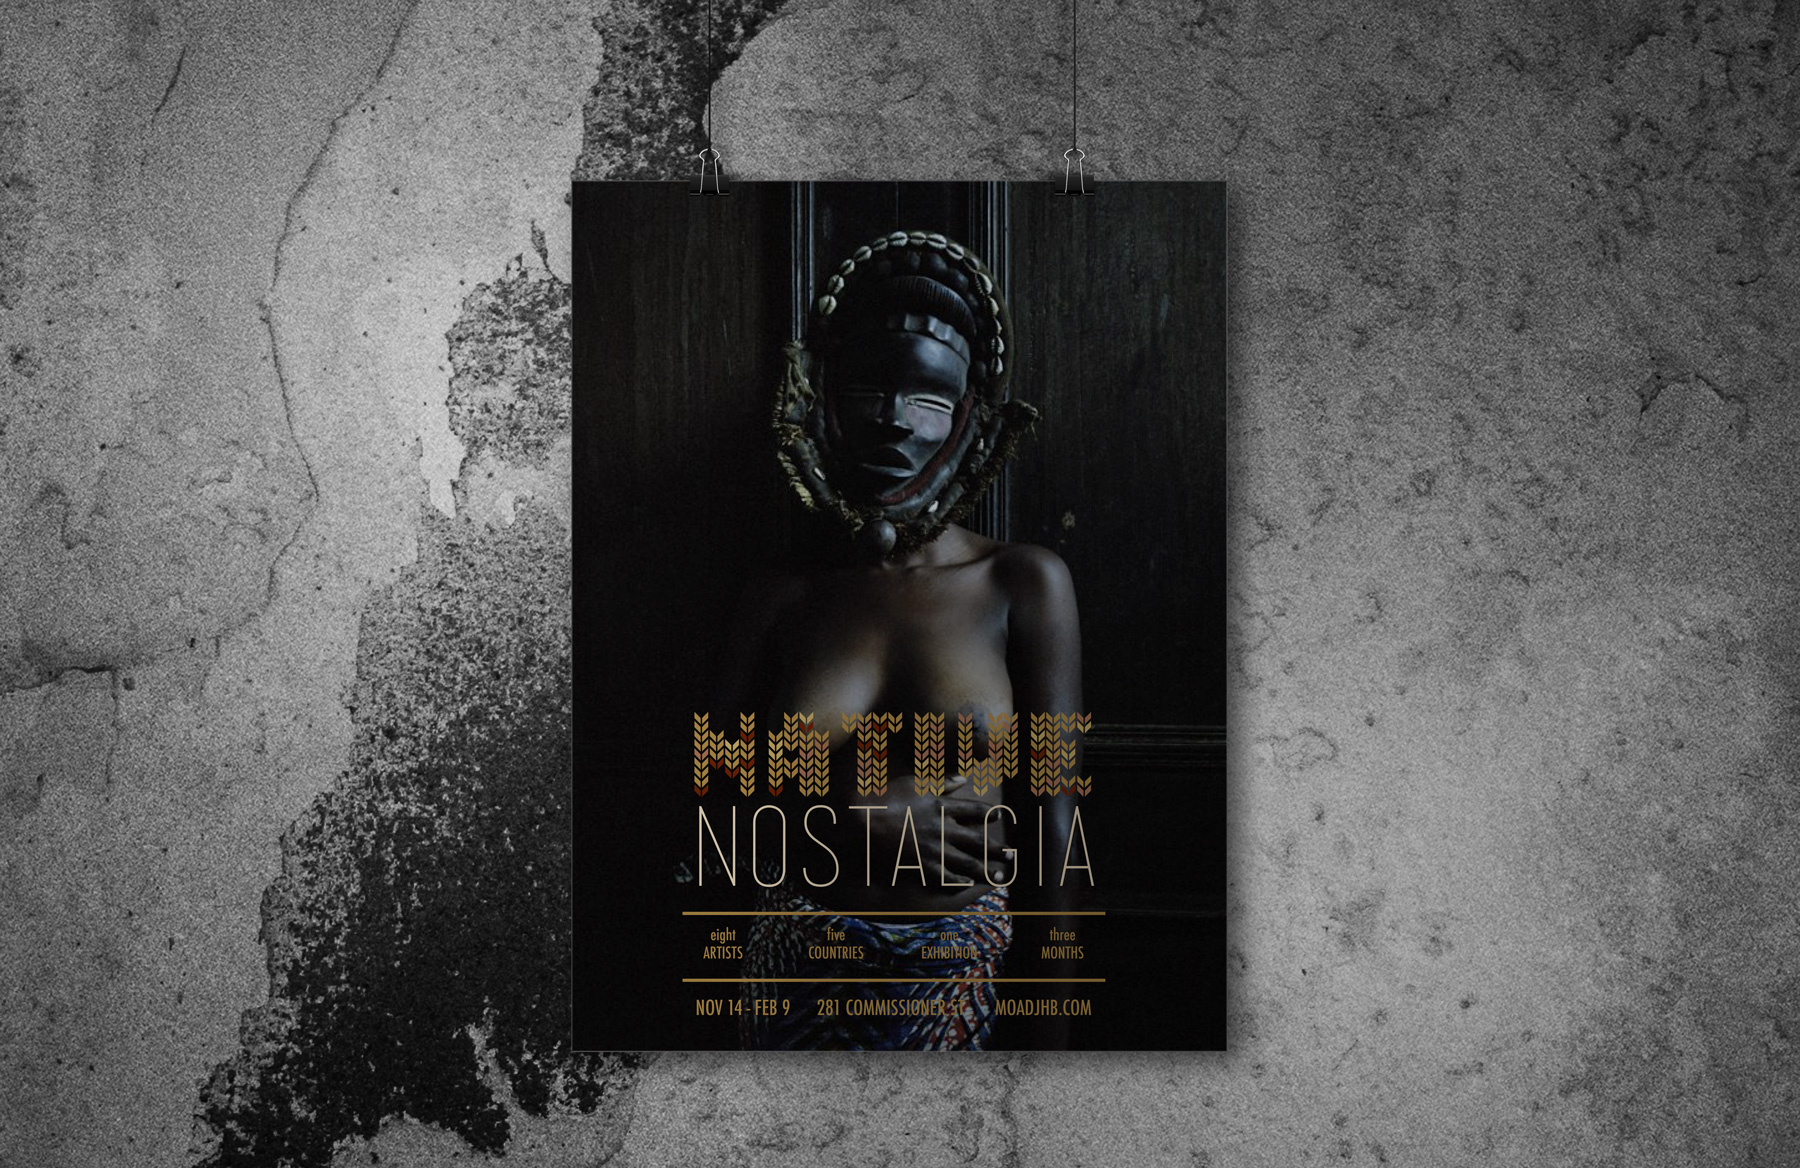 Native-nostelgia_poster_17102014